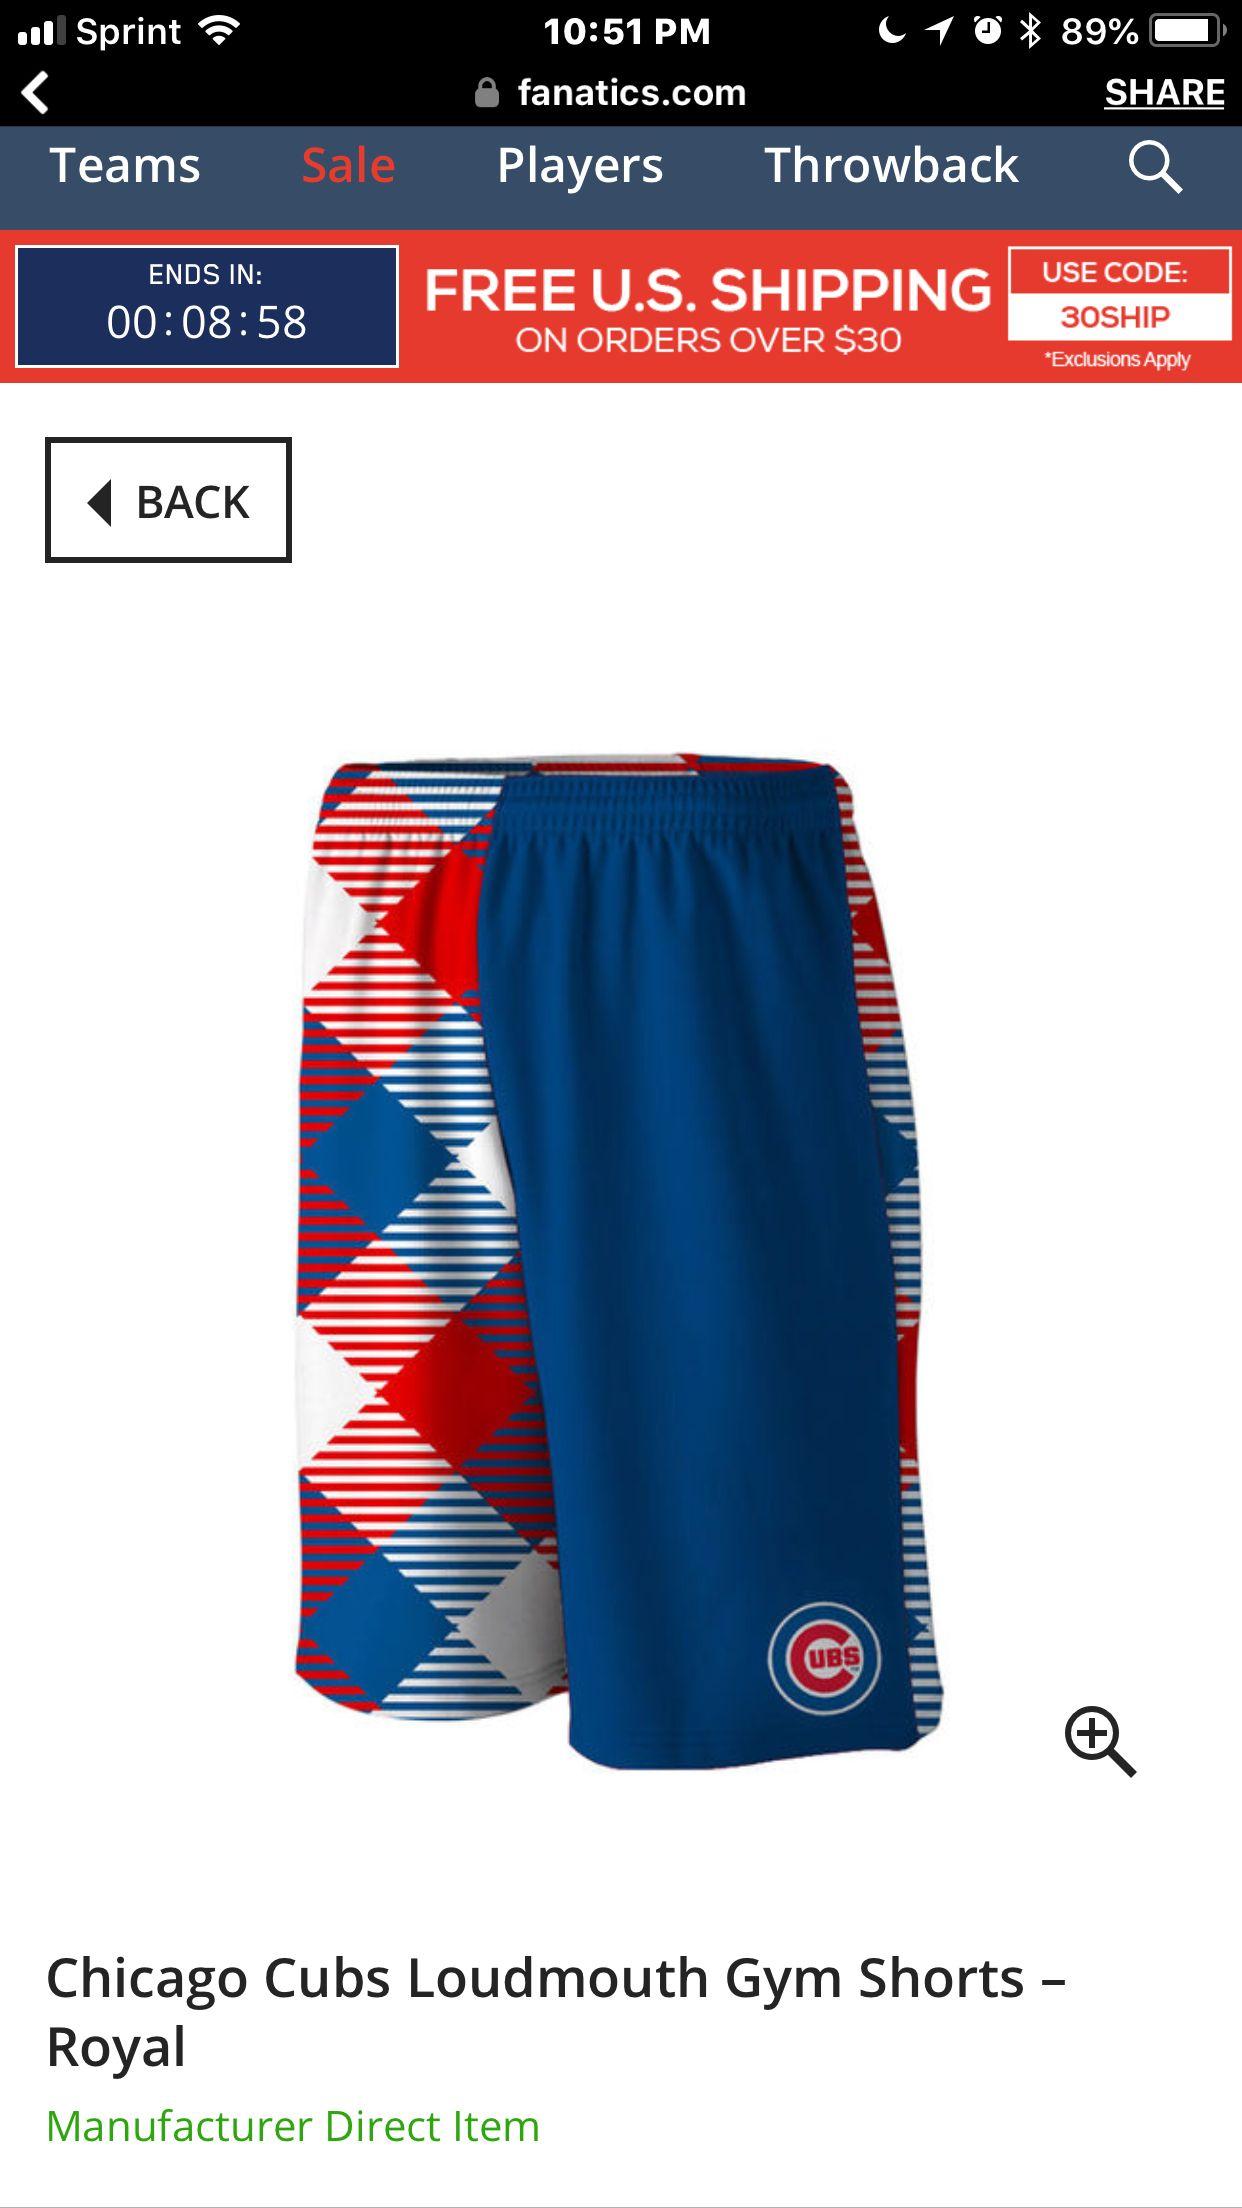 Medium gym shorts fashion shorts